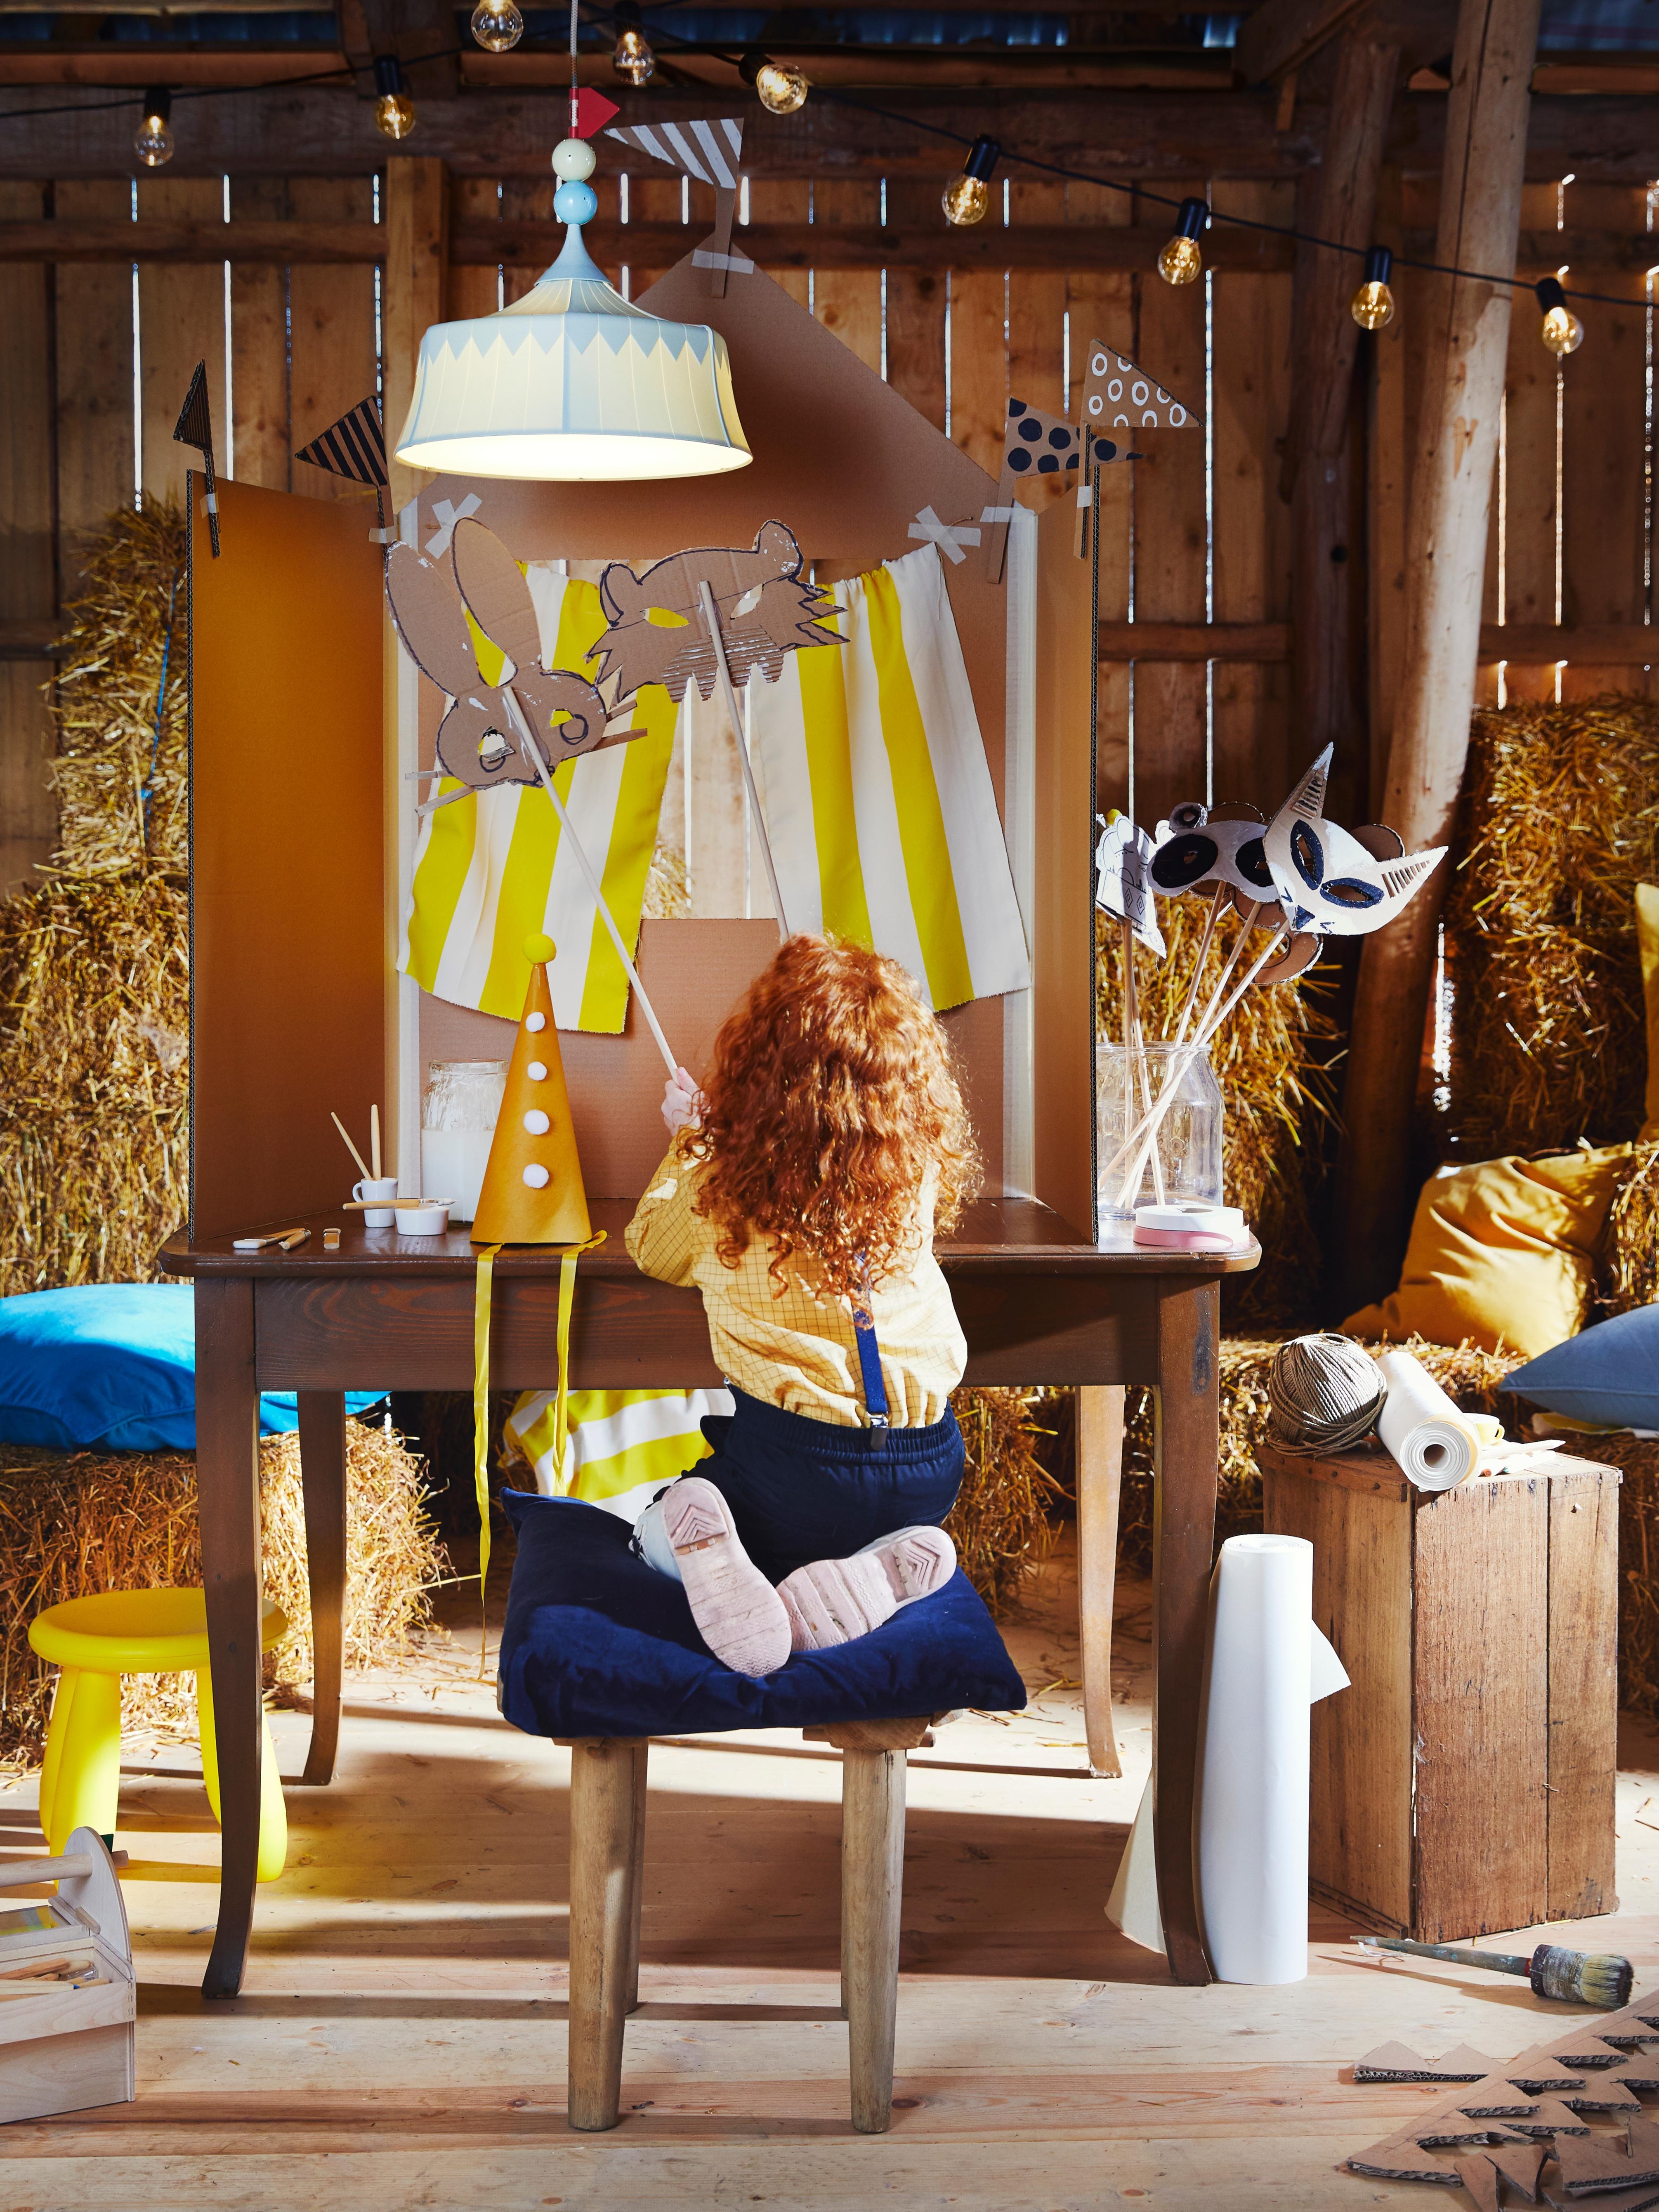 Dans une grange fantaisiste, un enfant présente un spectacle de marionnettes sous une suspension TROLLBO en plastique vert clair en forme de chapiteau.